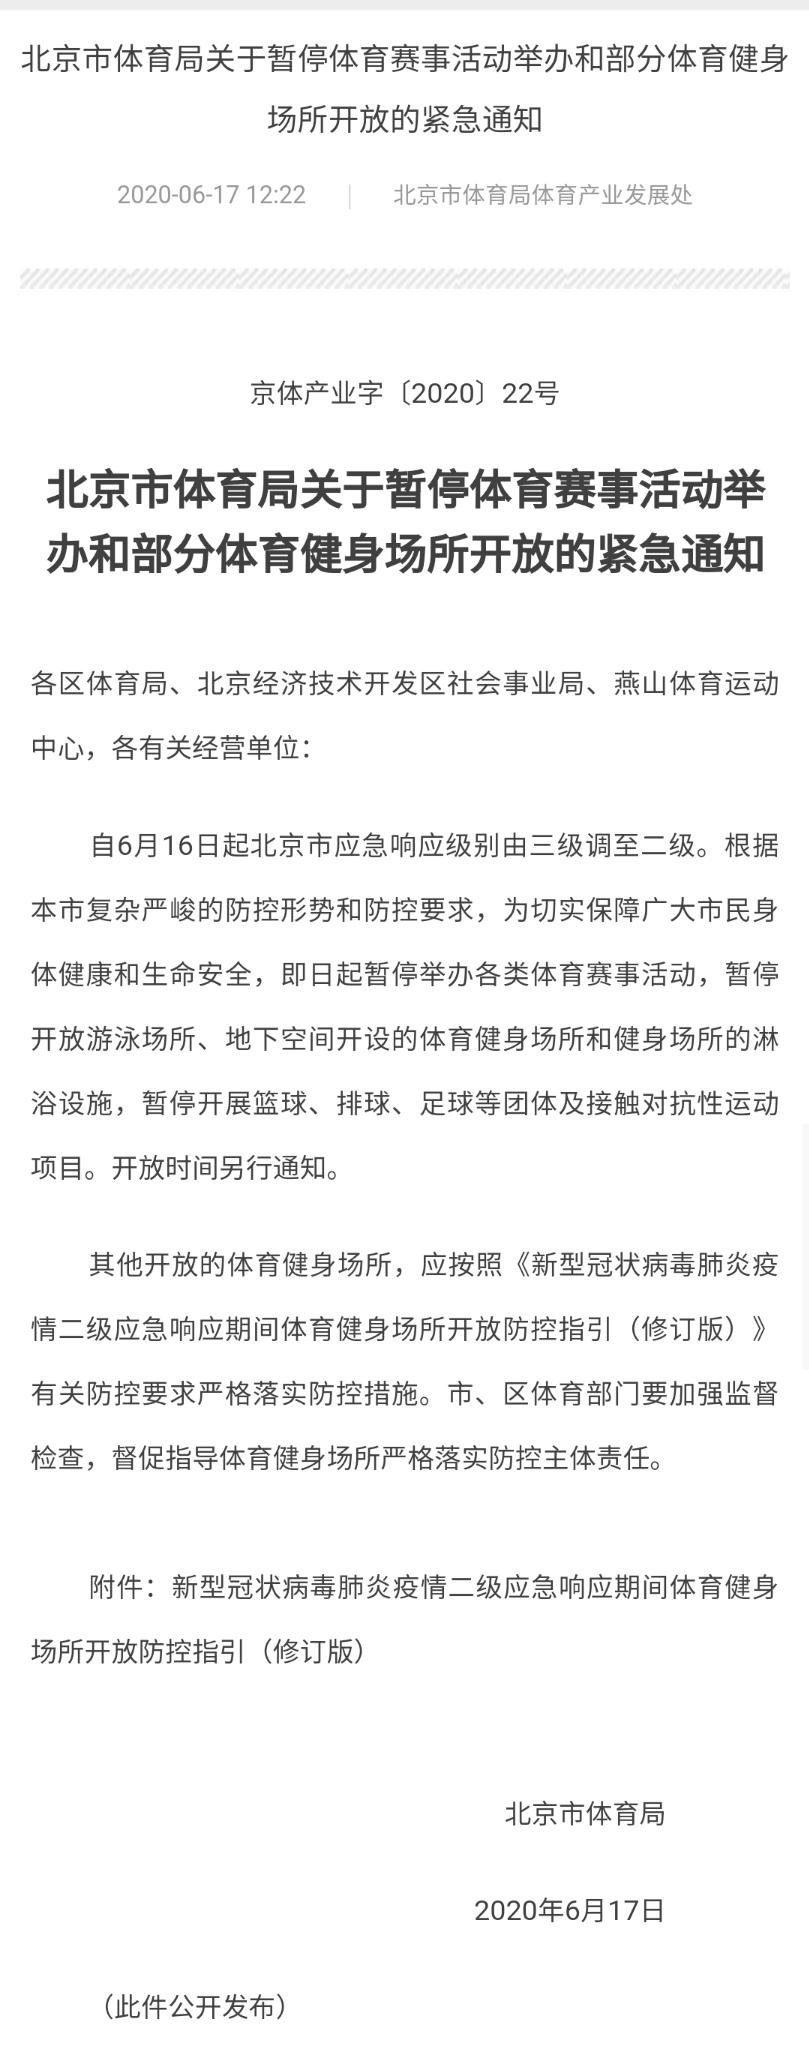 北京体育总局:暂停开放游泳和地下健身场所